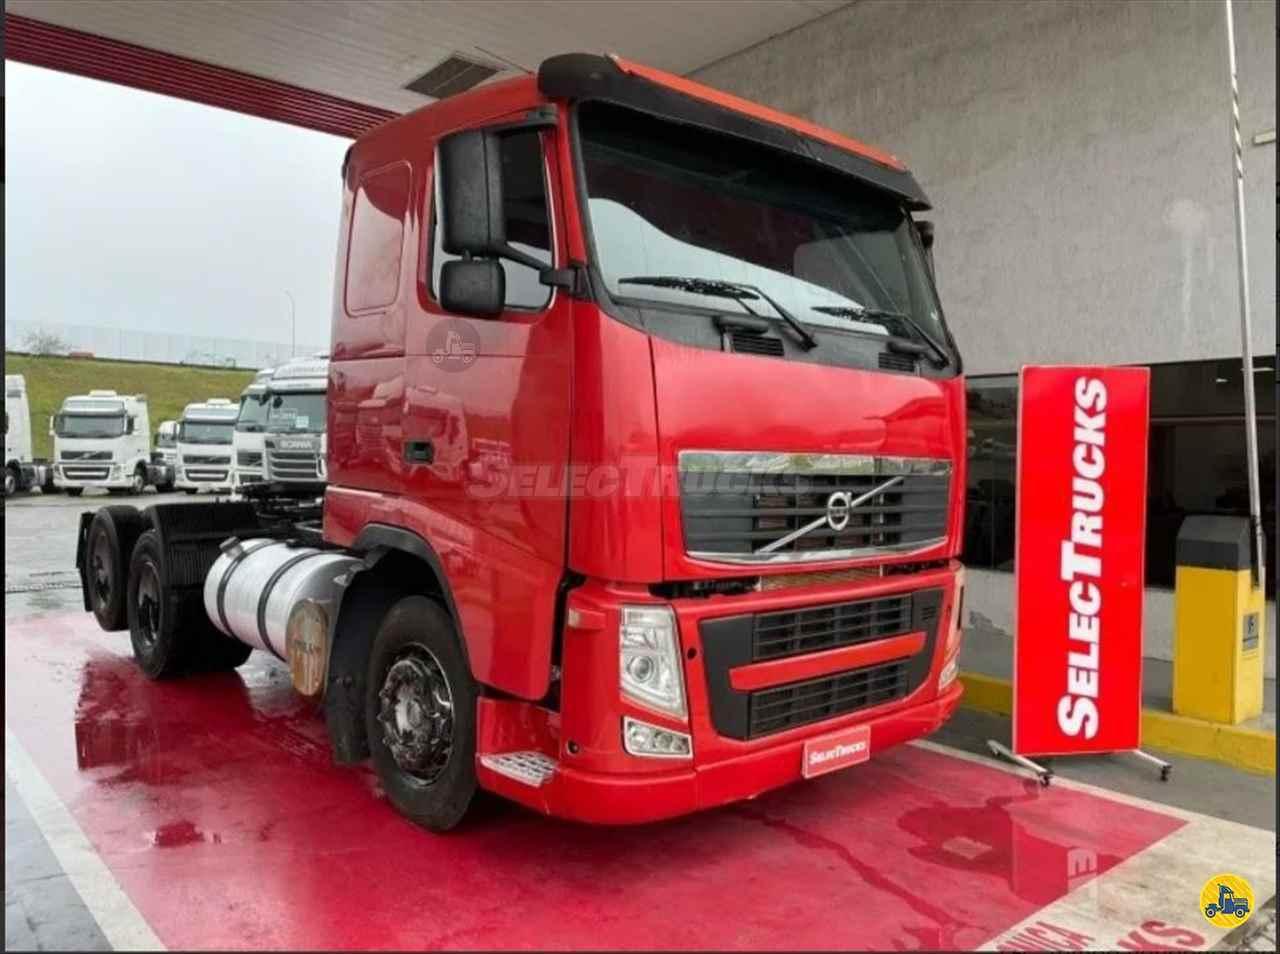 CAMINHAO VOLVO VOLVO FH 440 Cavalo Mecânico Truck 6x2 SelecTrucks - Mauá SP - Matriz  MAUA SÃO PAULO SP